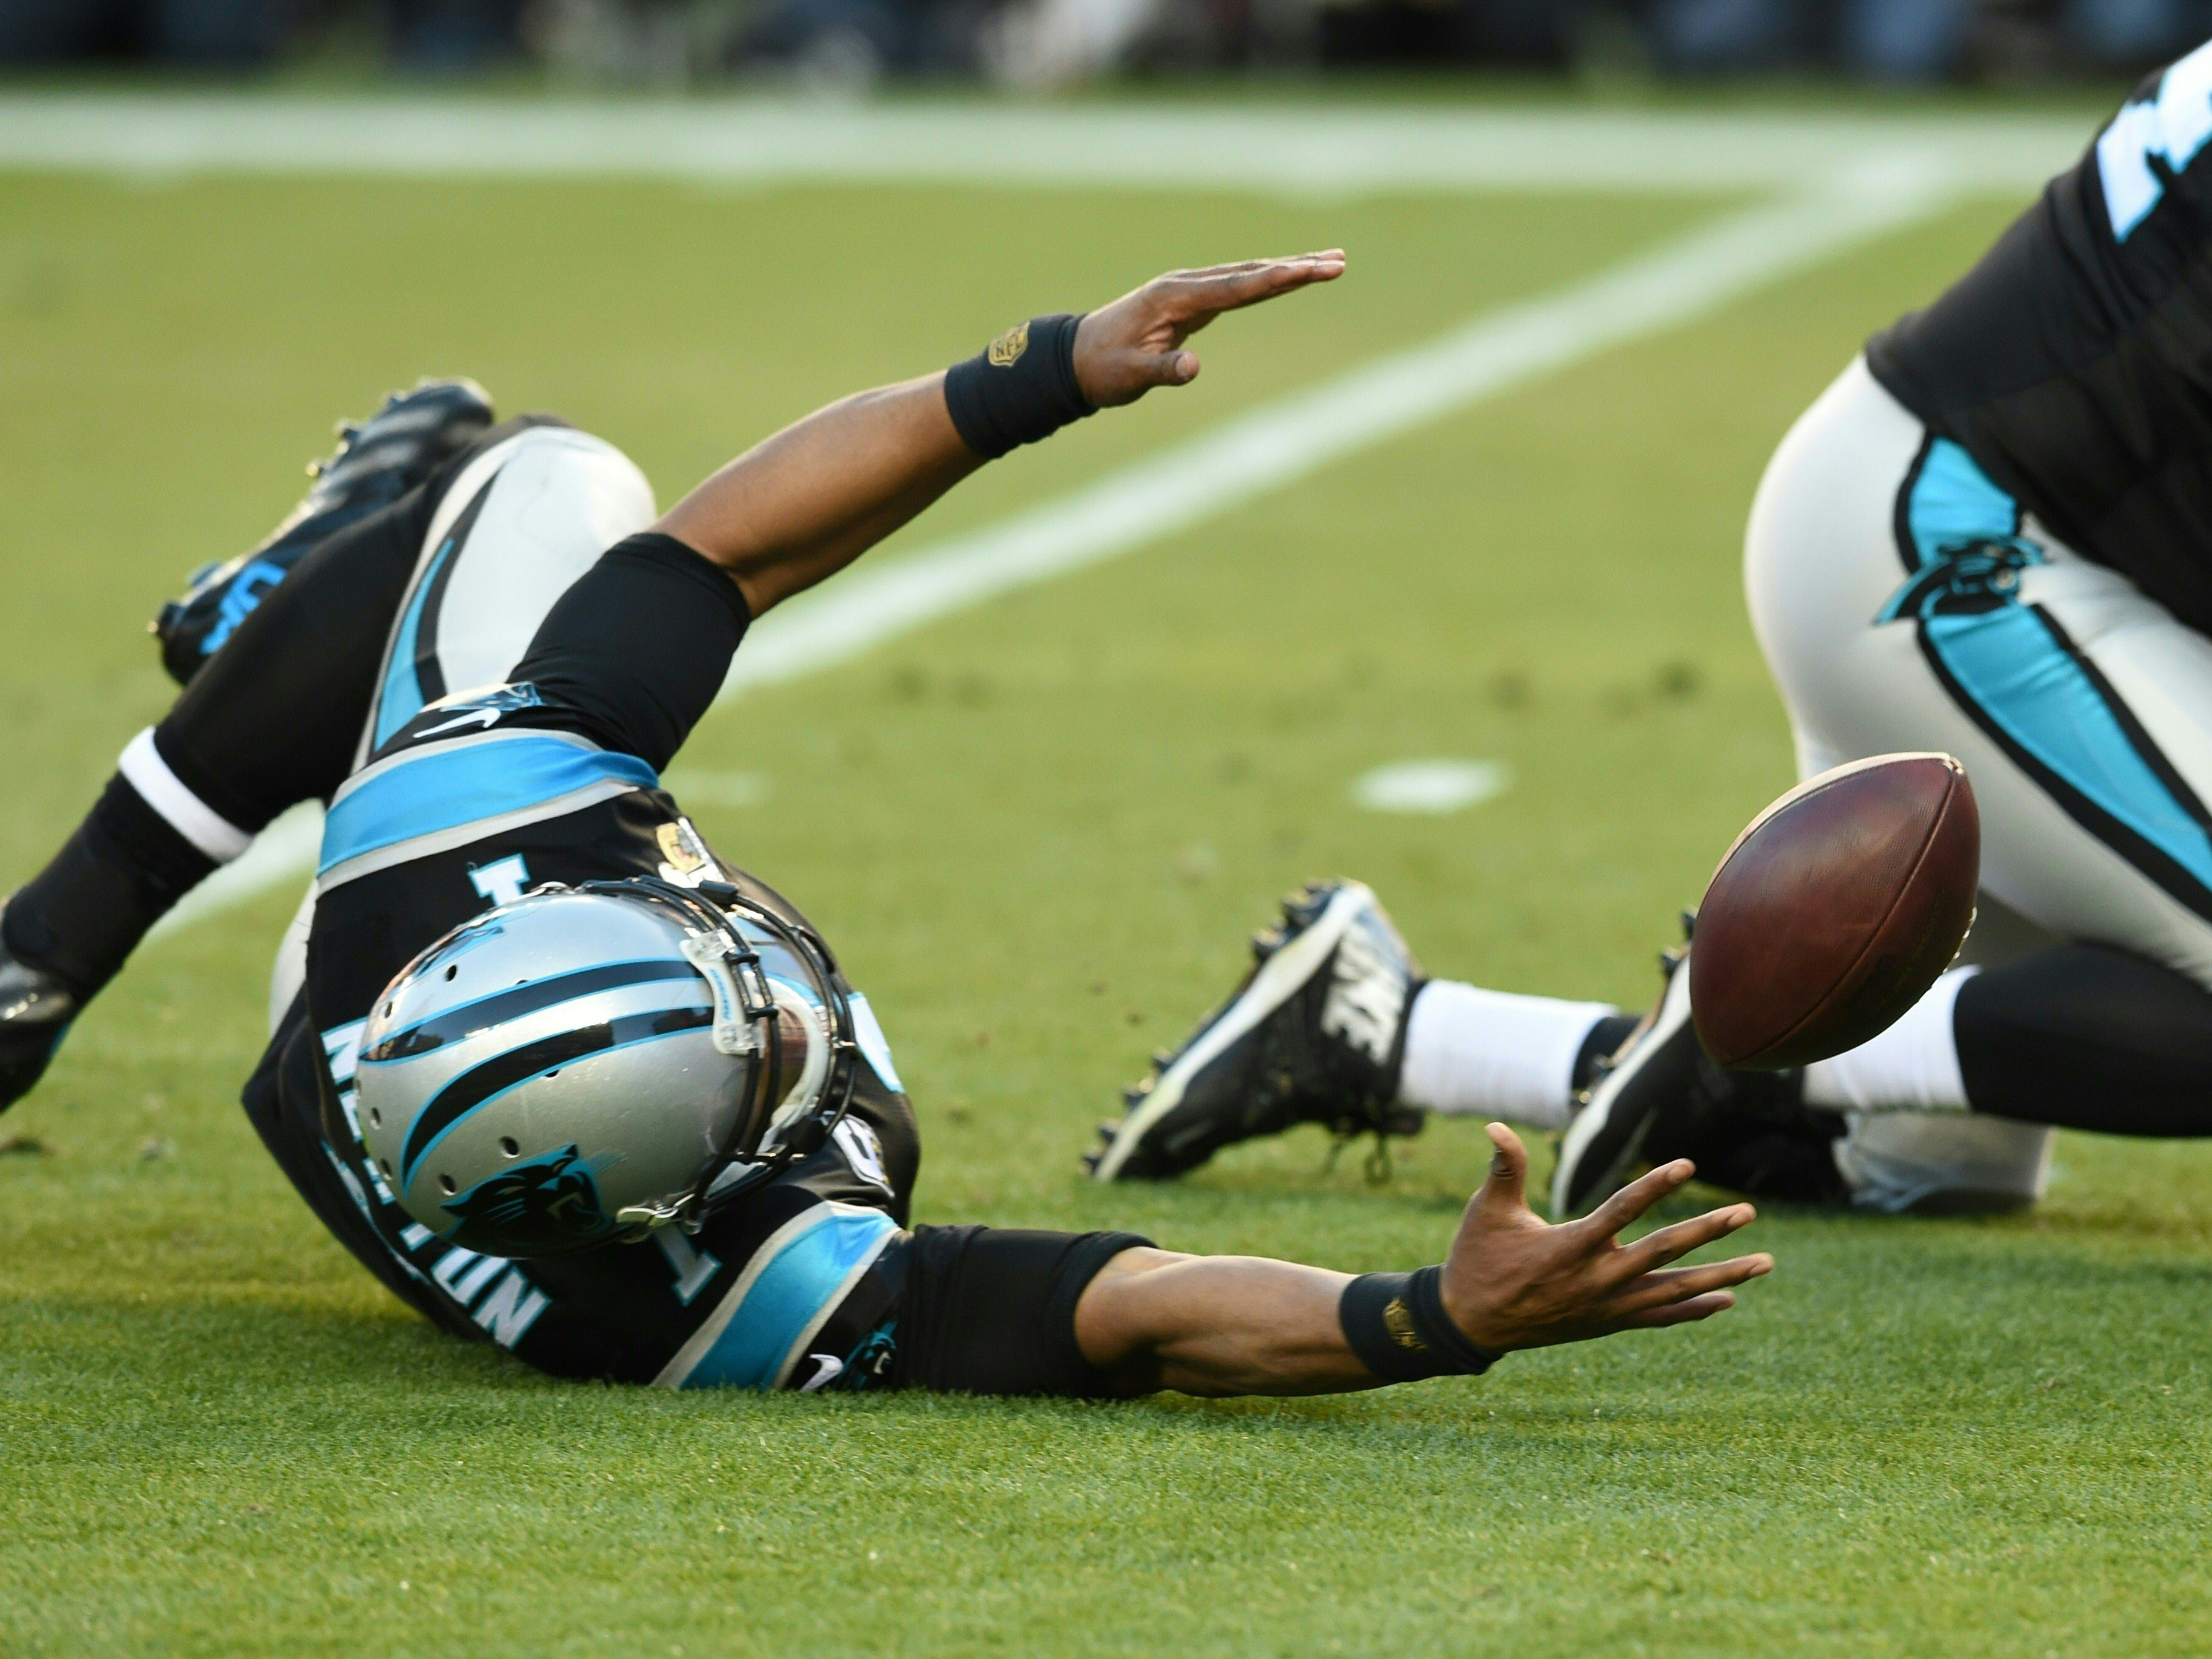 AMFOOT-NFL-SUPERBOWL